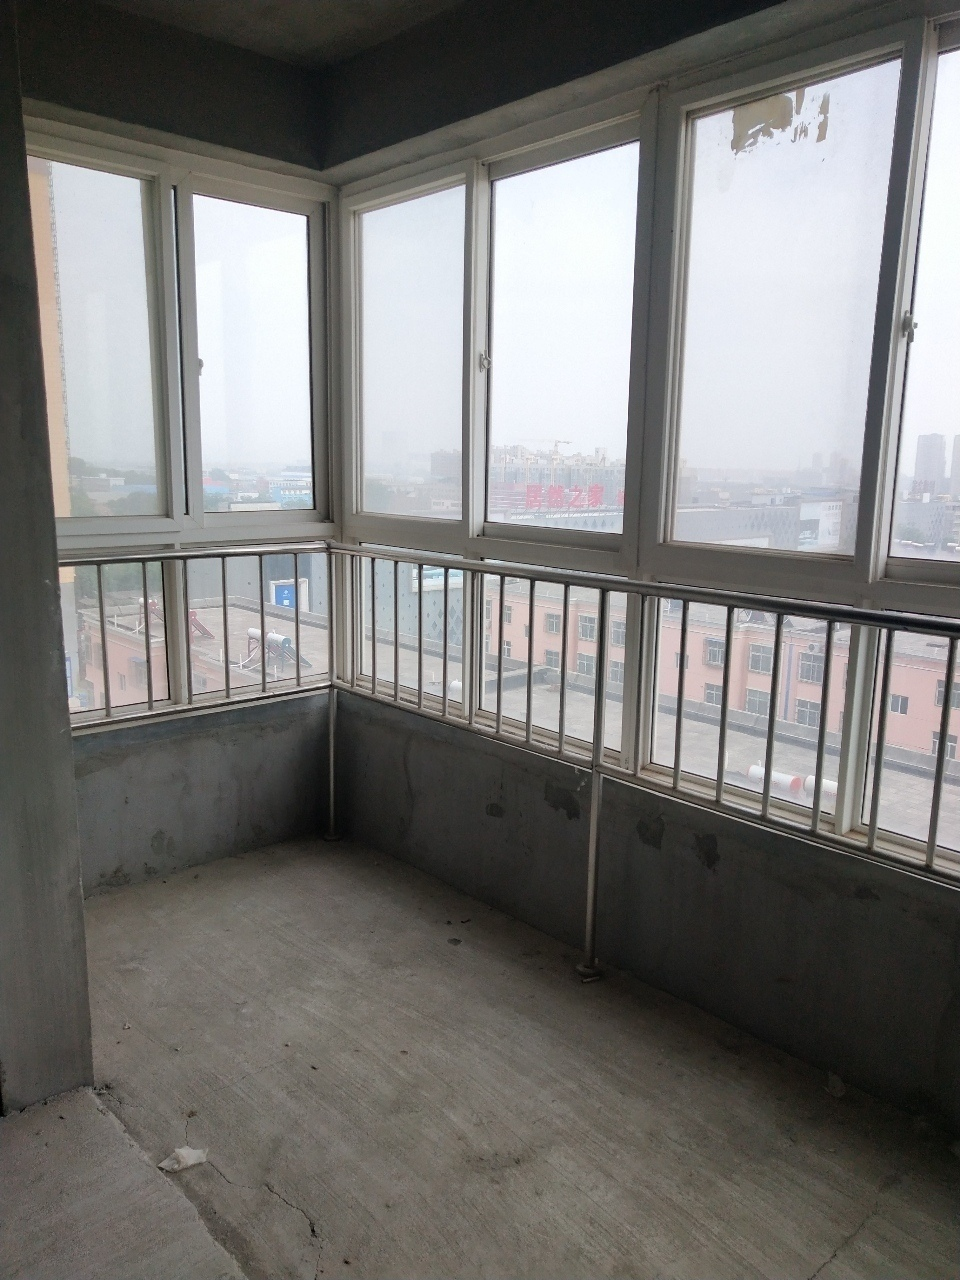 楊凌鼎盛花園3室 2廳 2衛53萬元